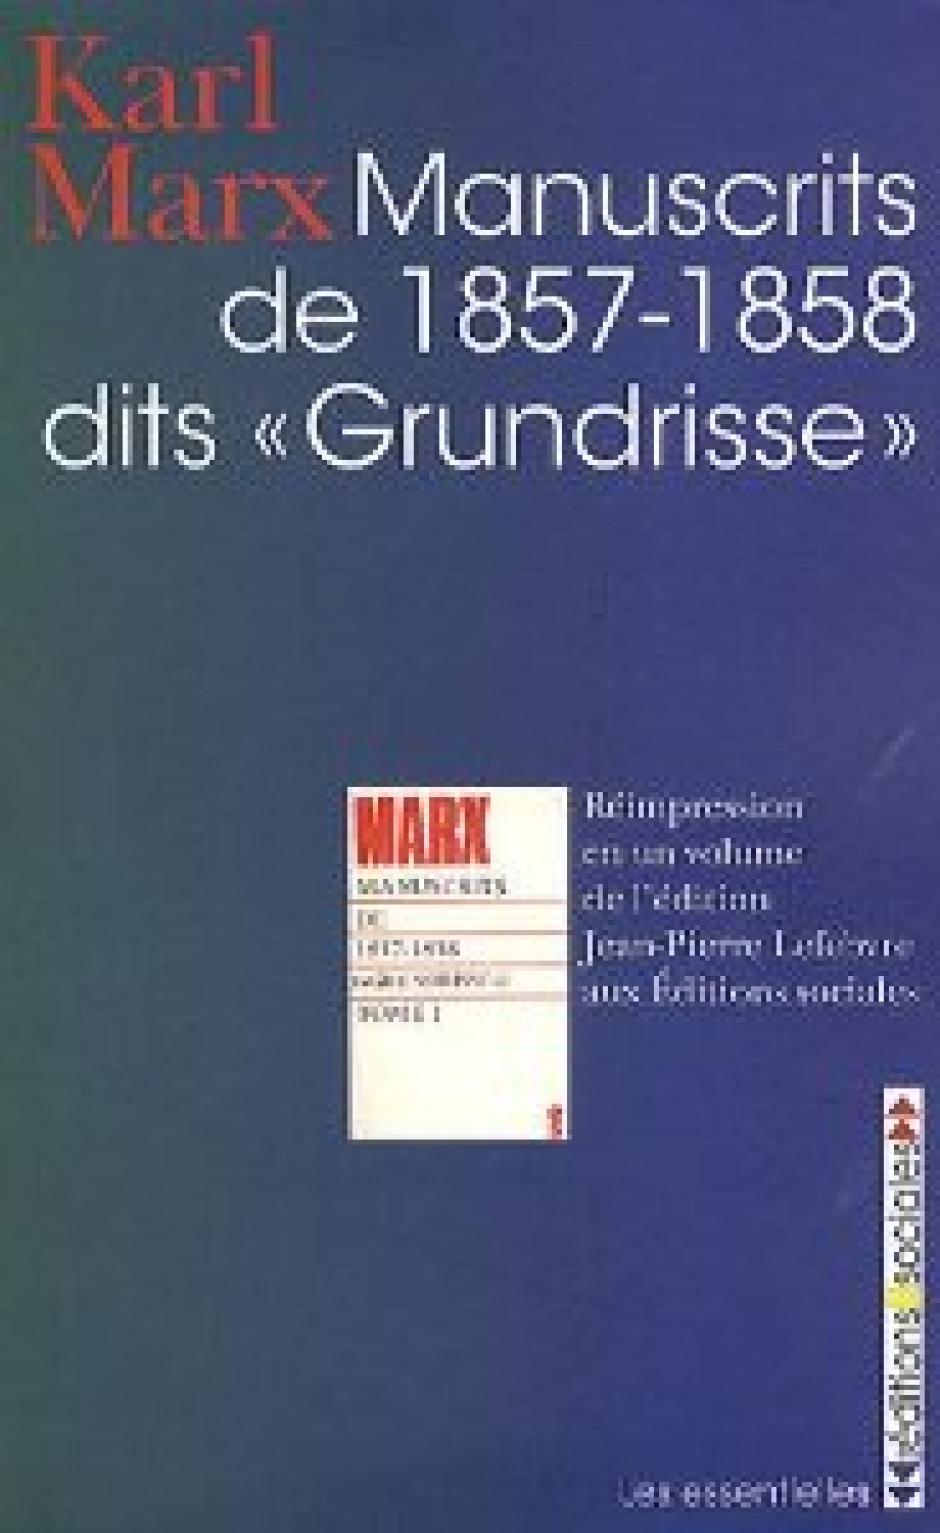 Karl Marx : Fragment sur les machines